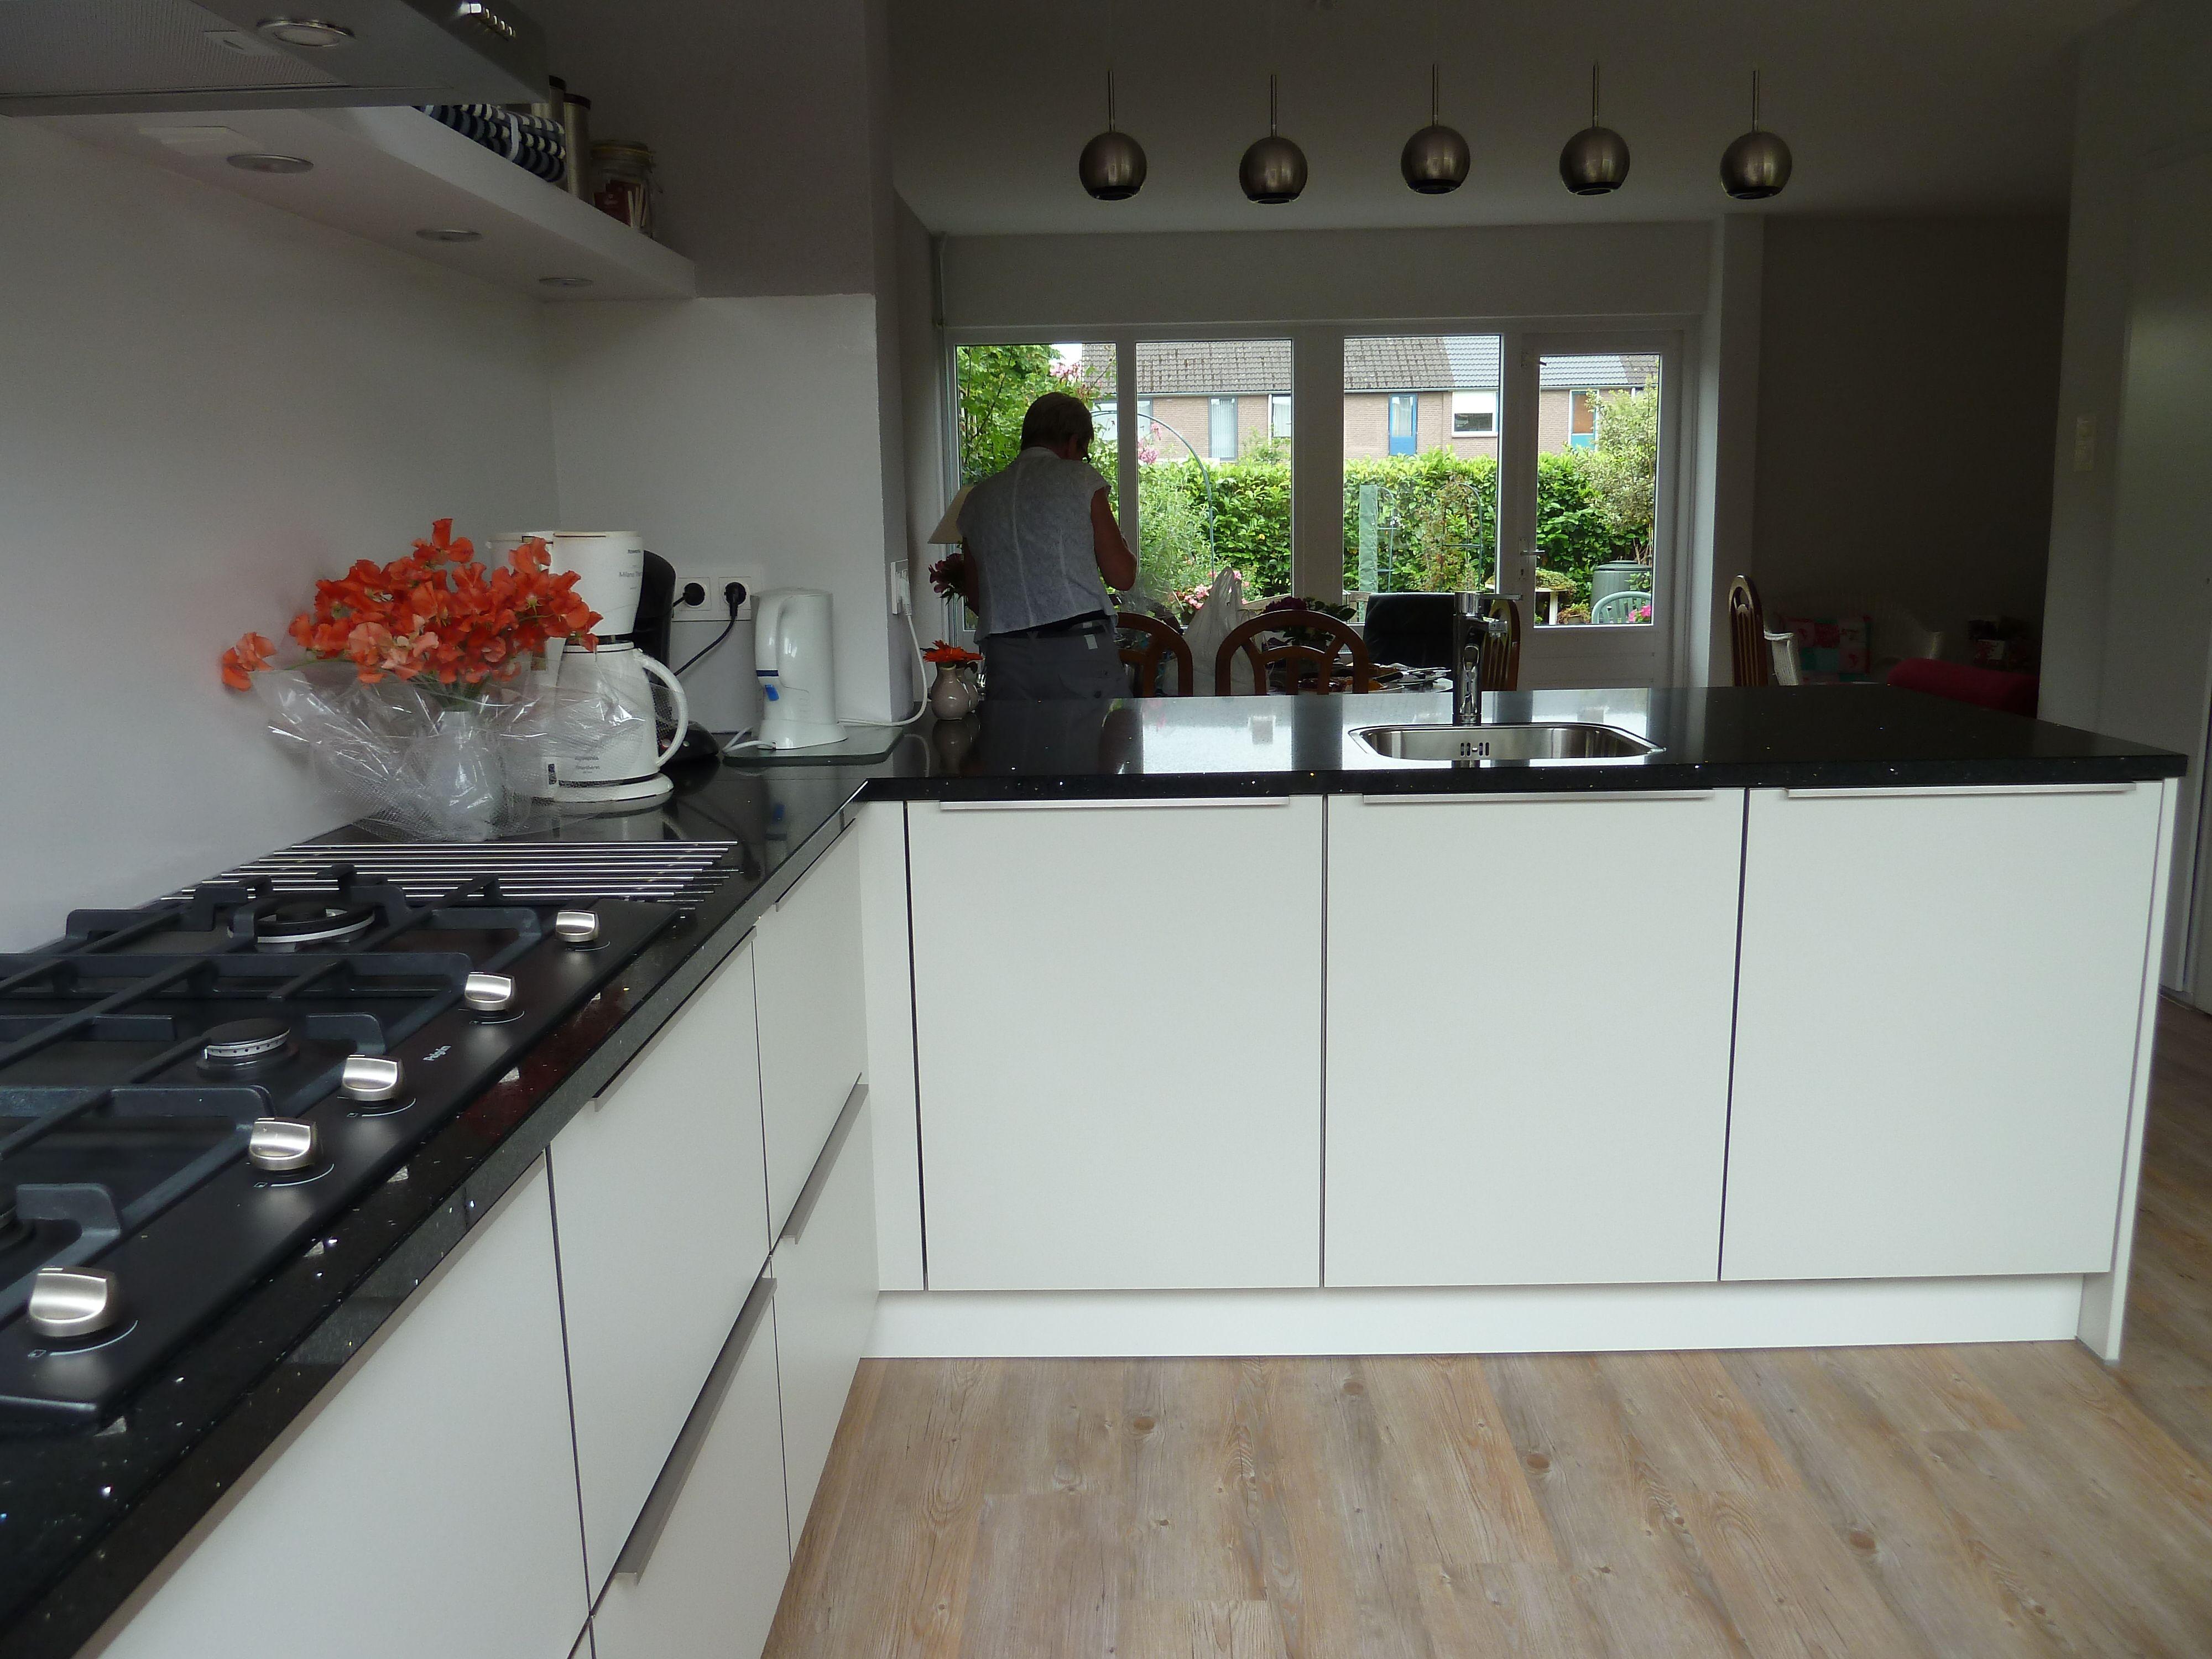 Strakke Witte Keuken : Strakke witte keuken met een blad van graniet mooie warme